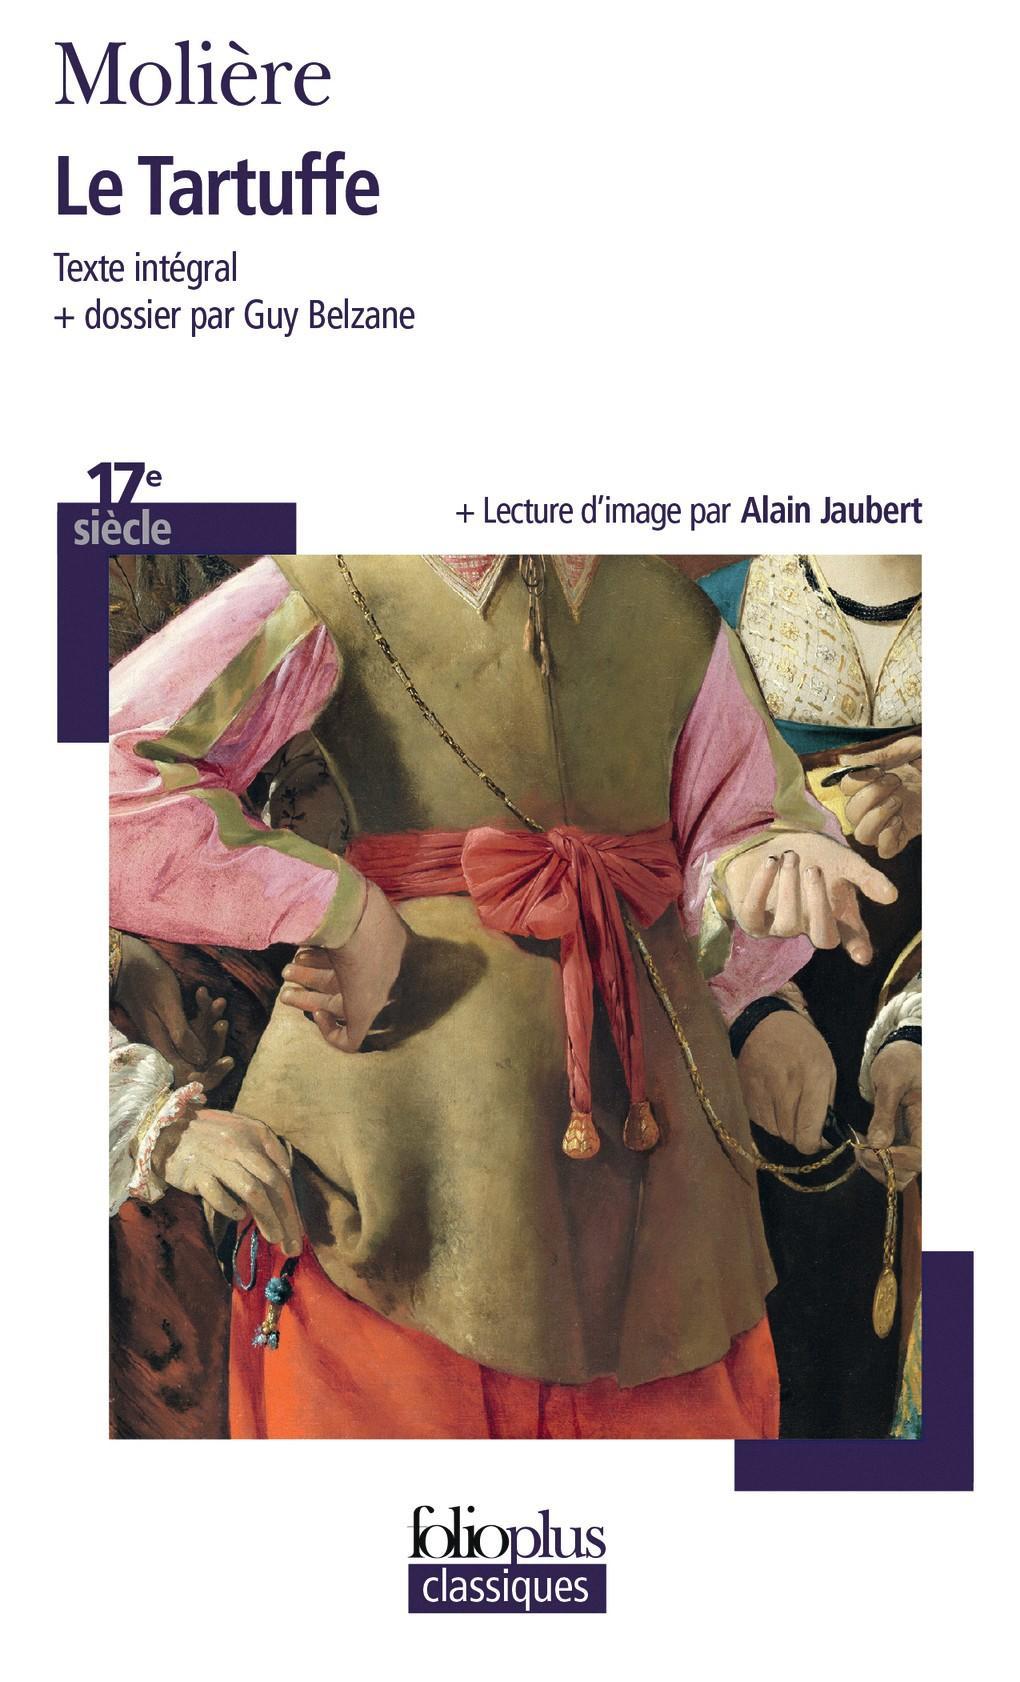 Molière, Le Tartuffe ou l'Imposteur, 1669, Éditions Gallimard, coll. Folio Classique.